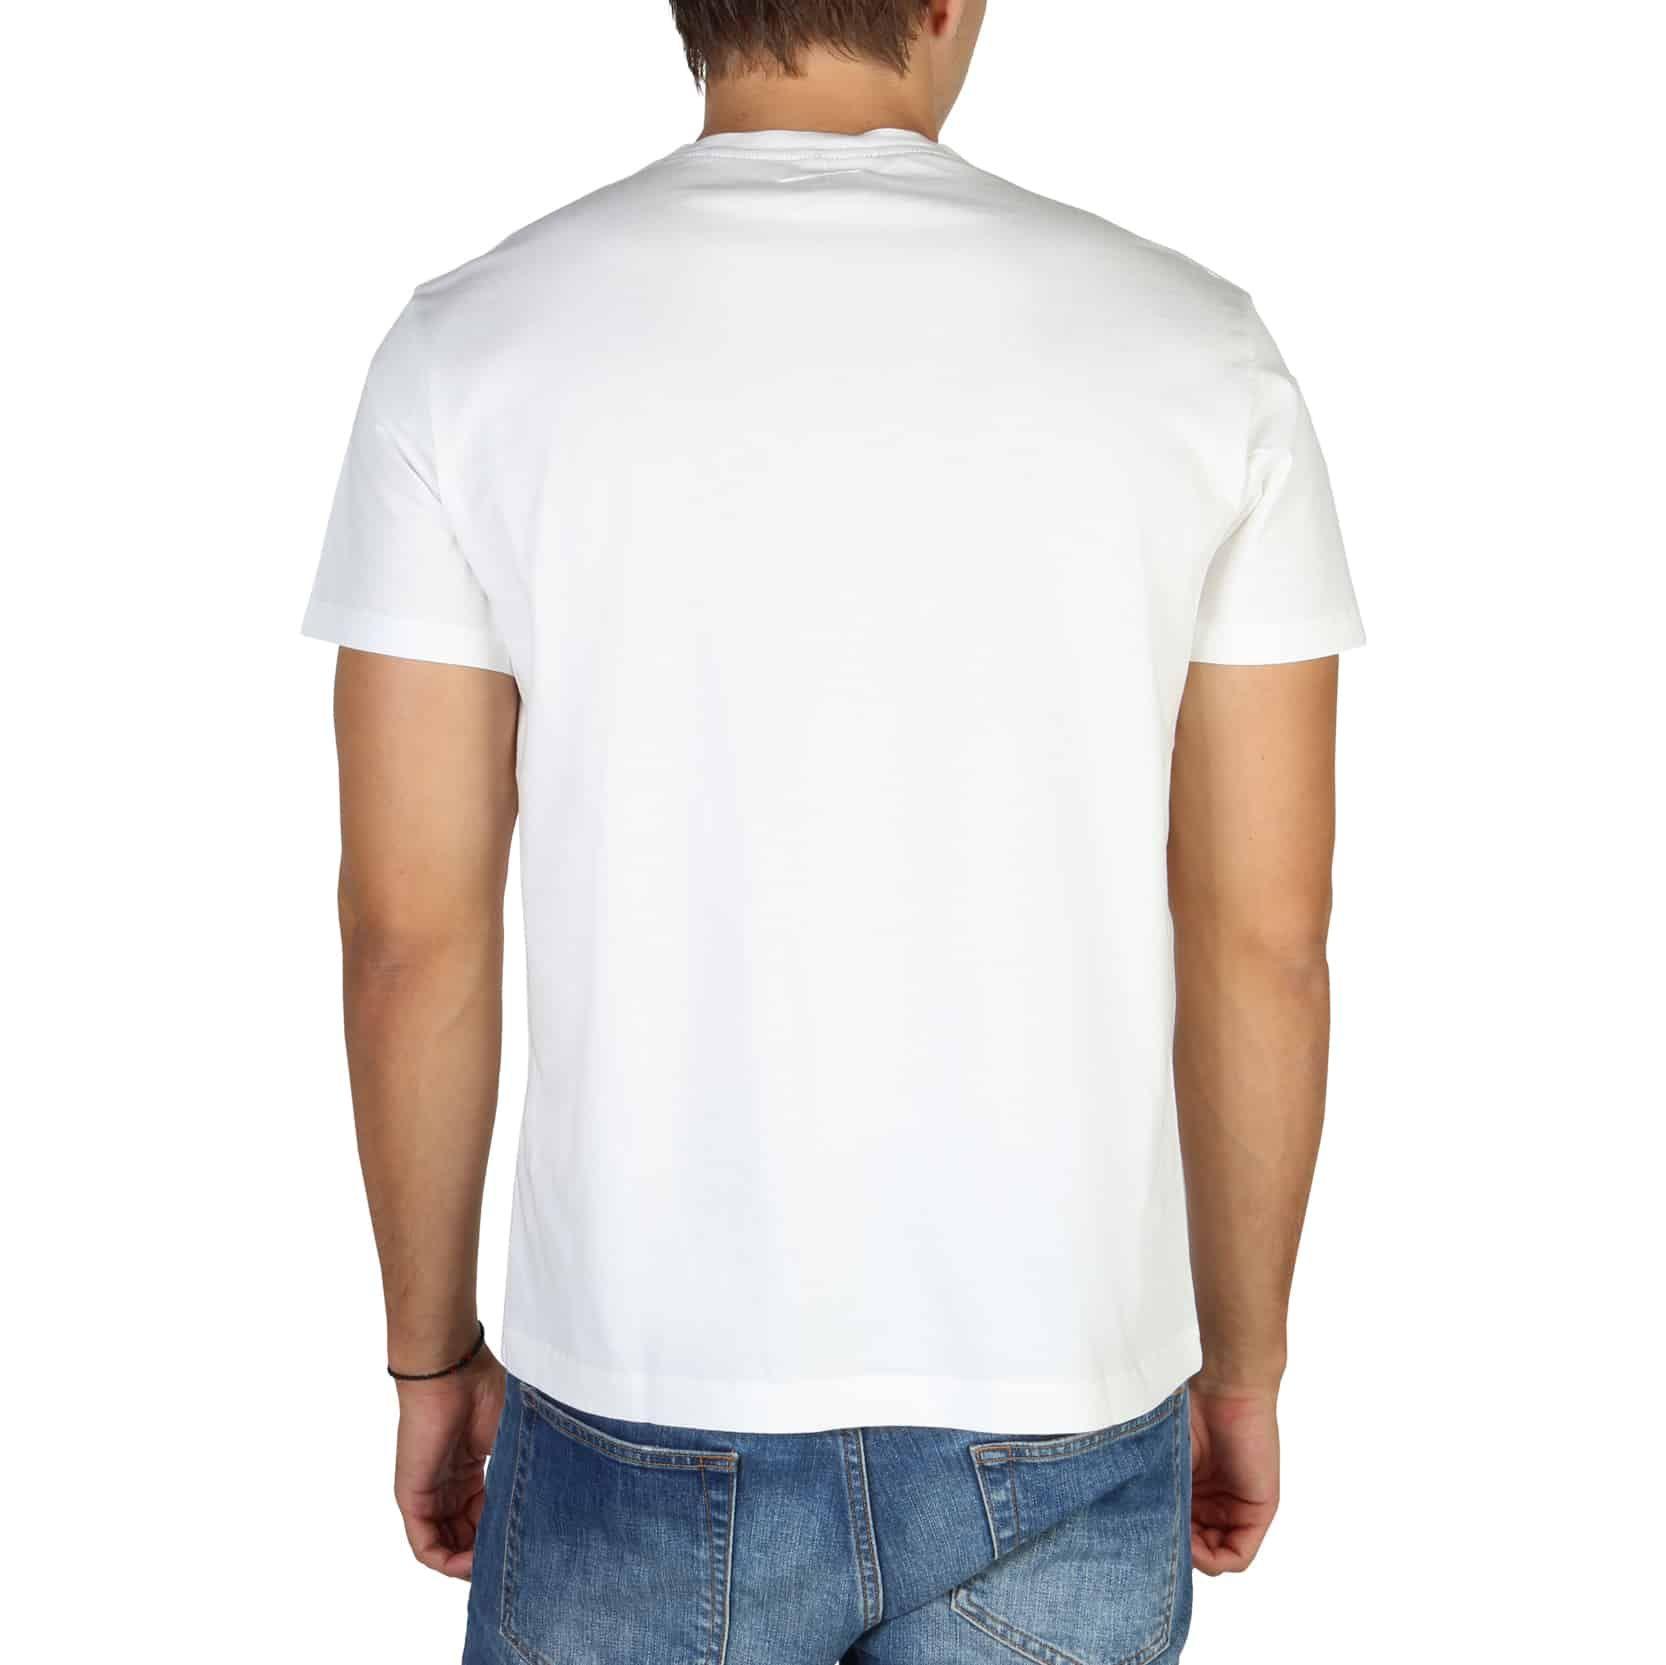 Bekleidung Hackett – HM500323 – Weiß